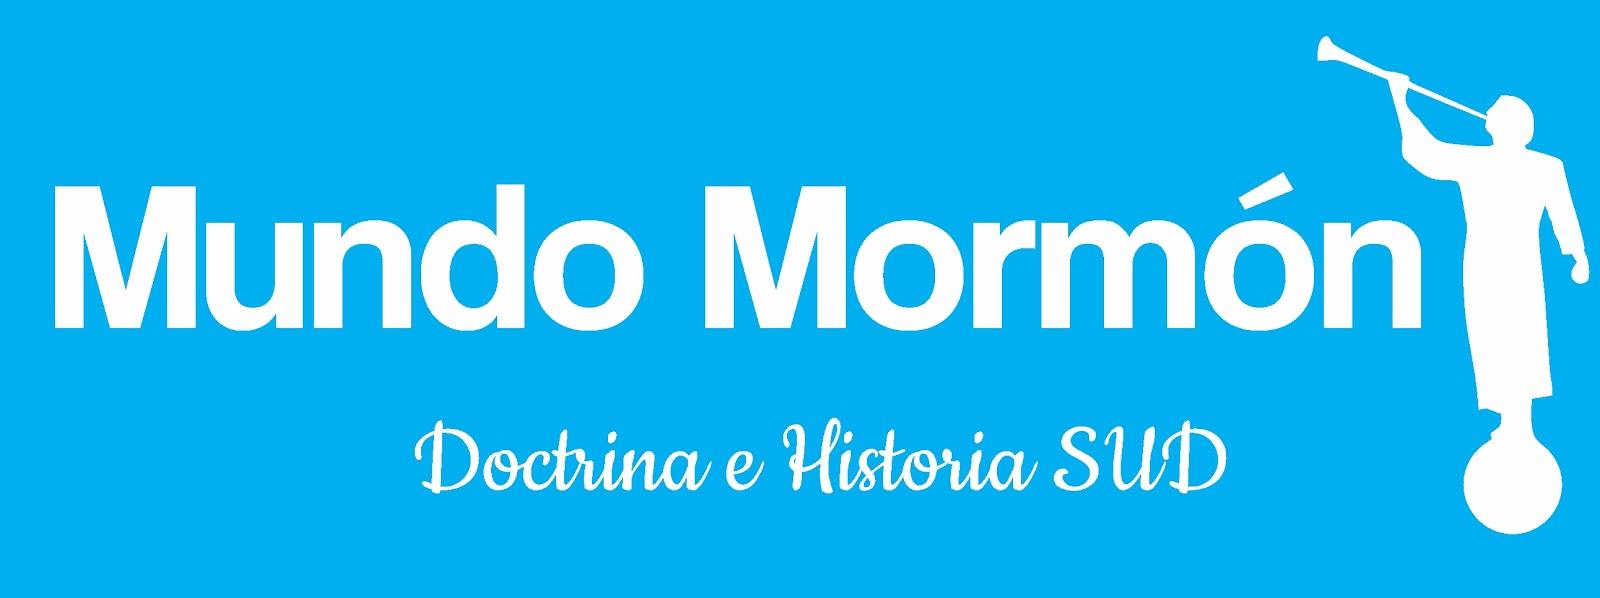 Mundomormon.org